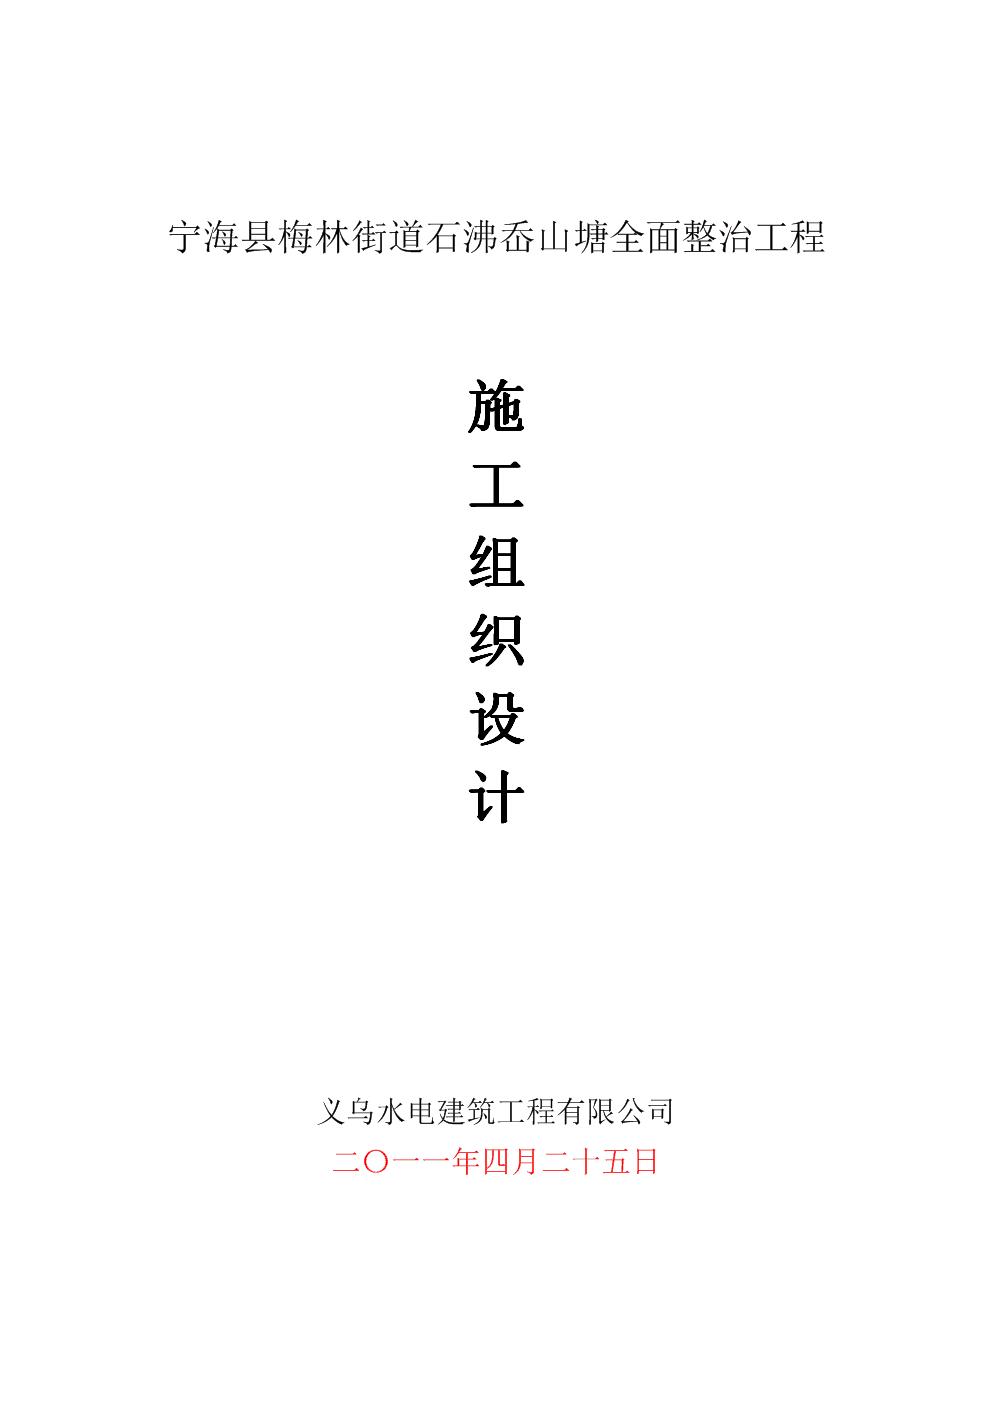 宁海县梅林街道石沸岙山塘全面整治工程施工组织设计.doc